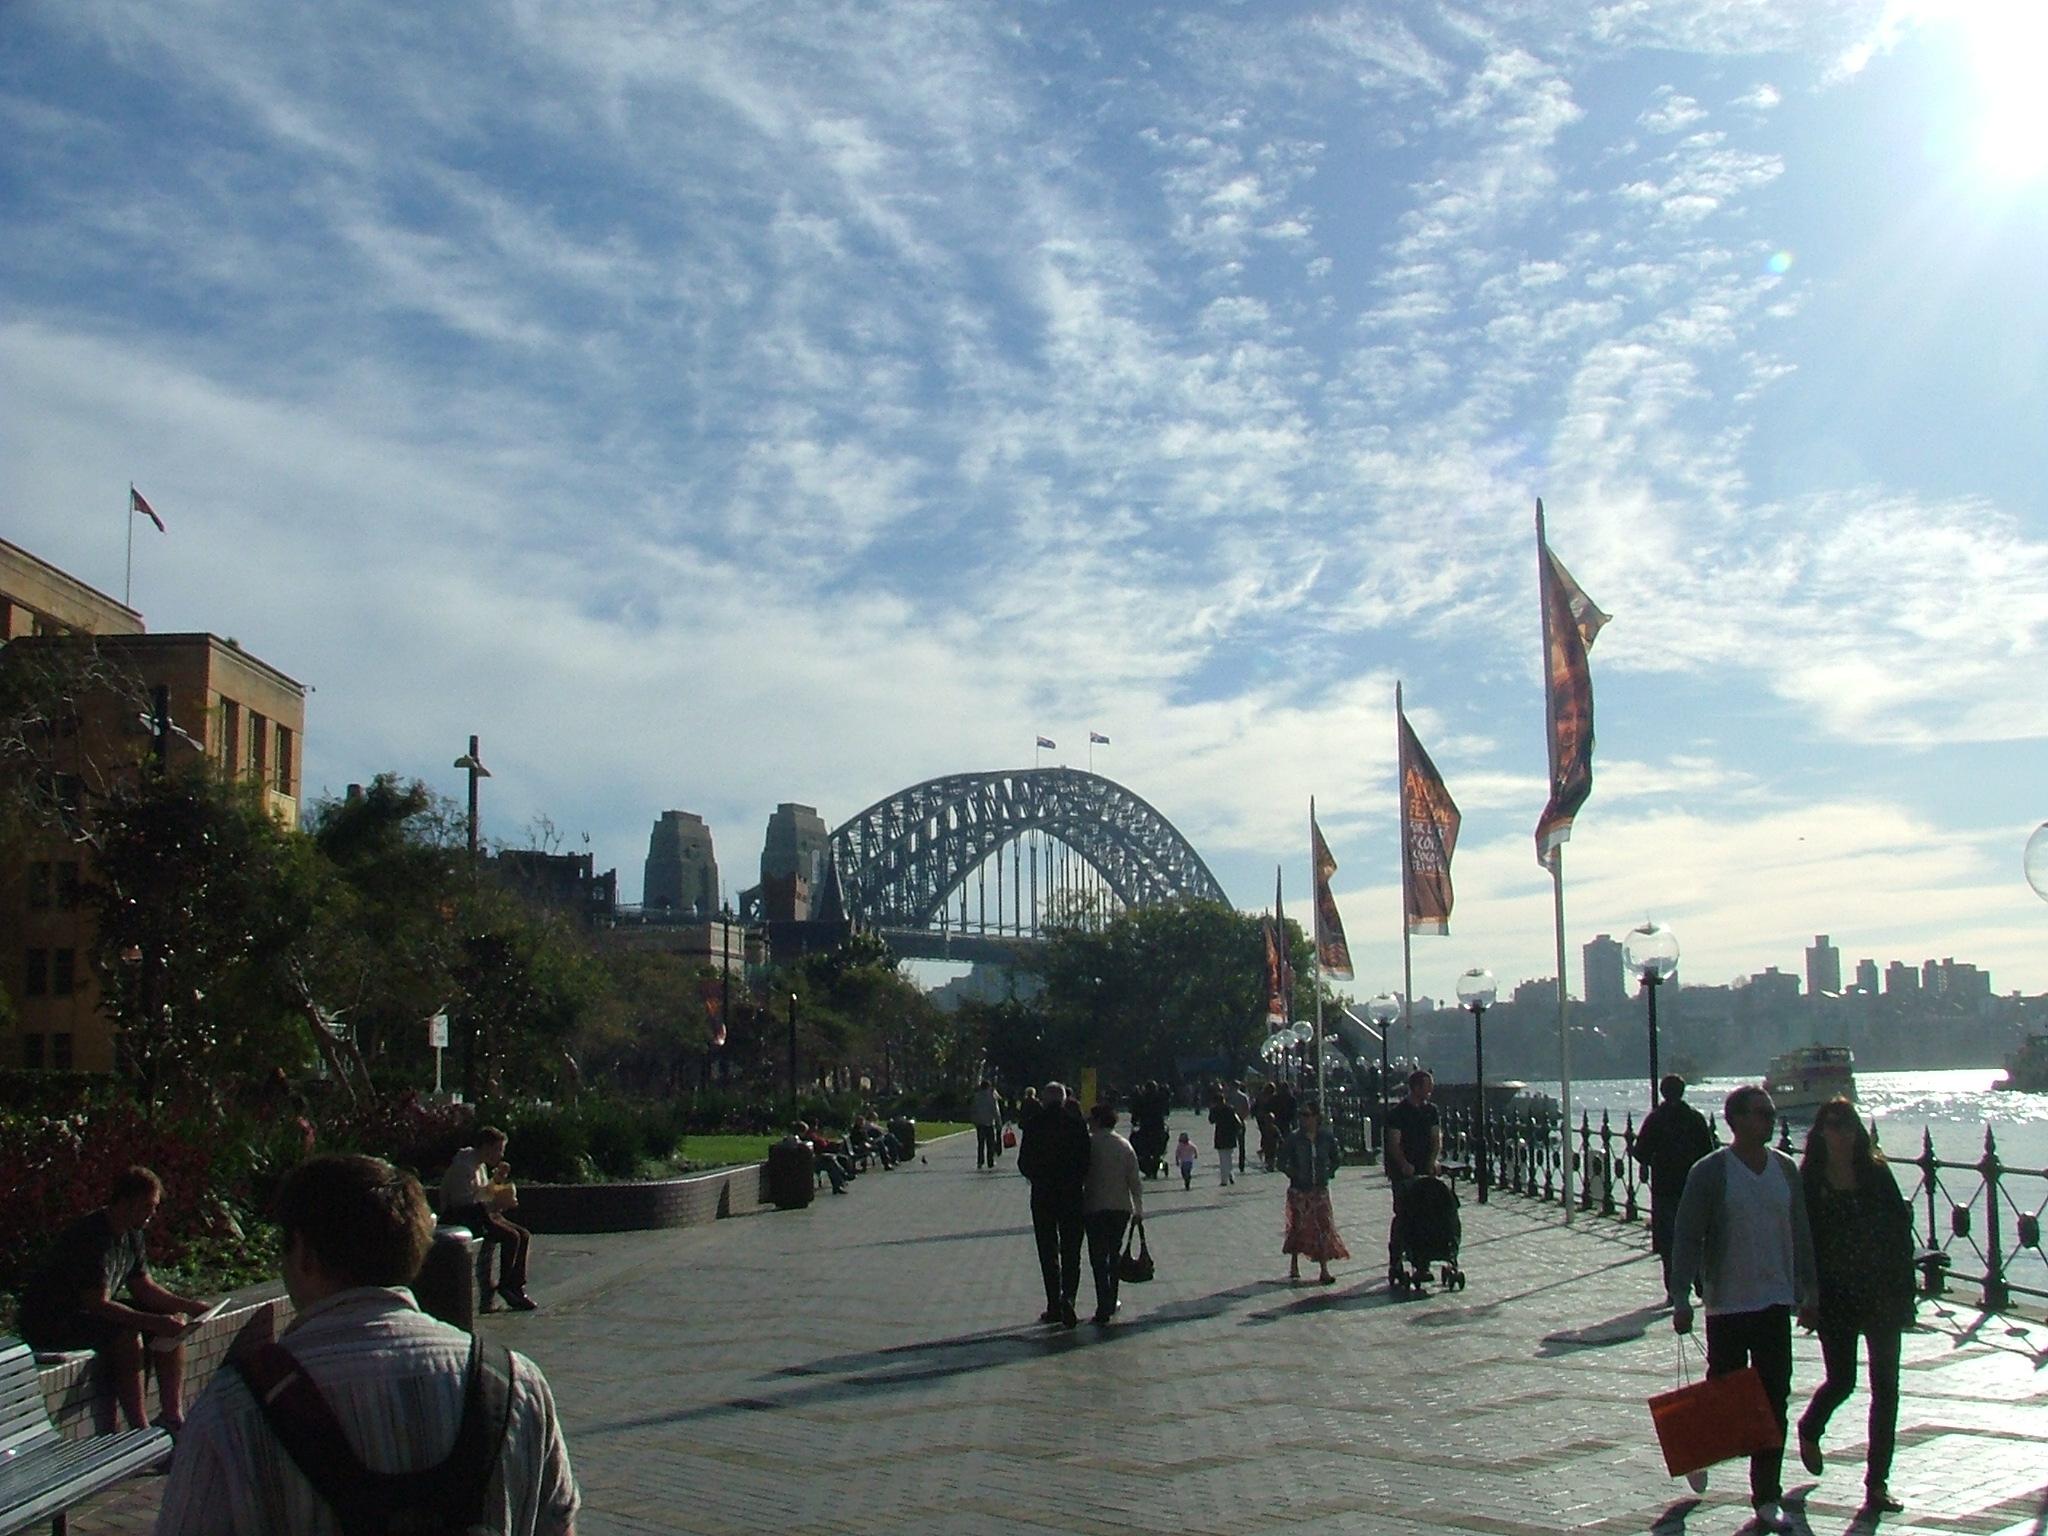 Der kan gå op til et år før Australien genåbner for turister fra for eksempel Europa, siger australsk minister. Arkivfoto fra Sydney: Henrik Baumgarten.